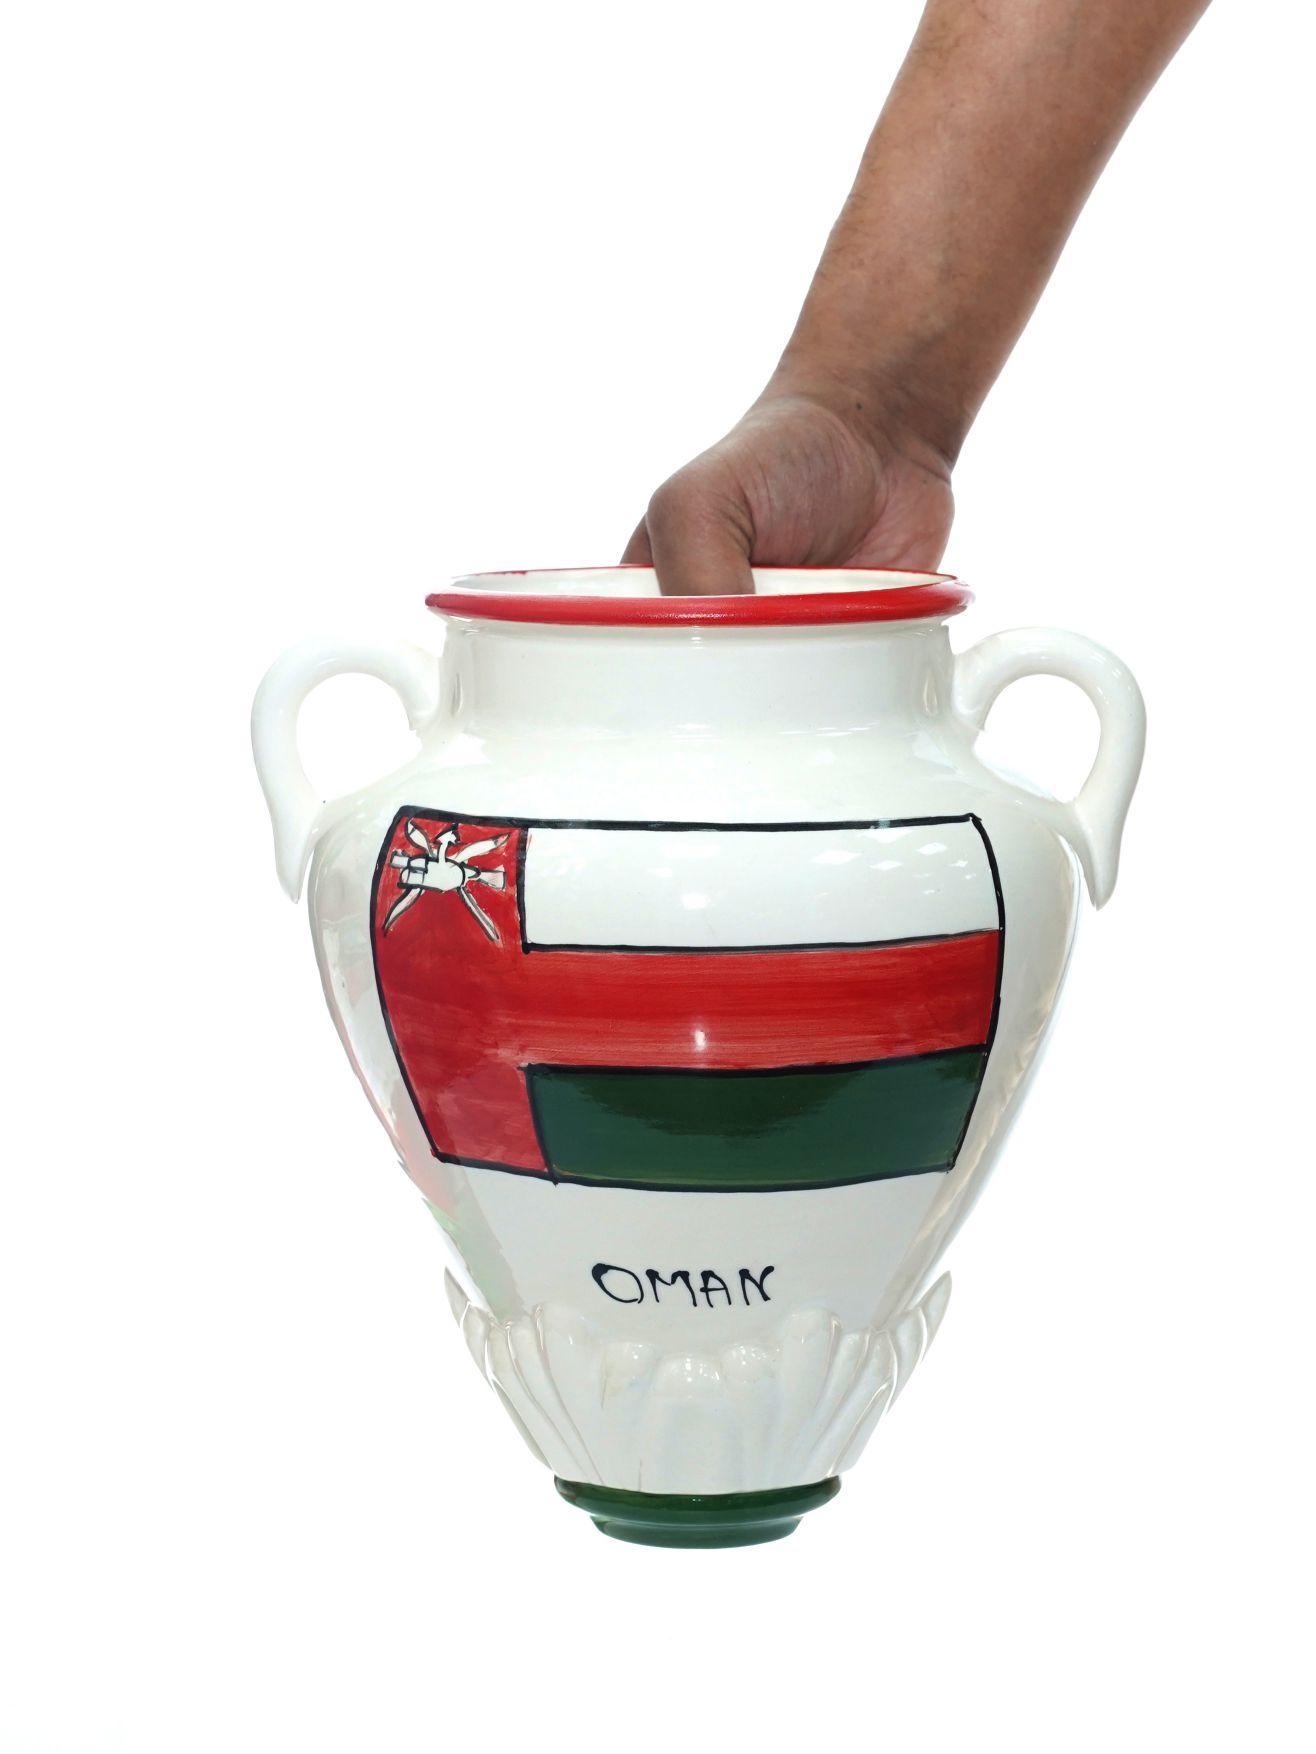 Wall Pot N1 Pots & Vases Ceramic Pots